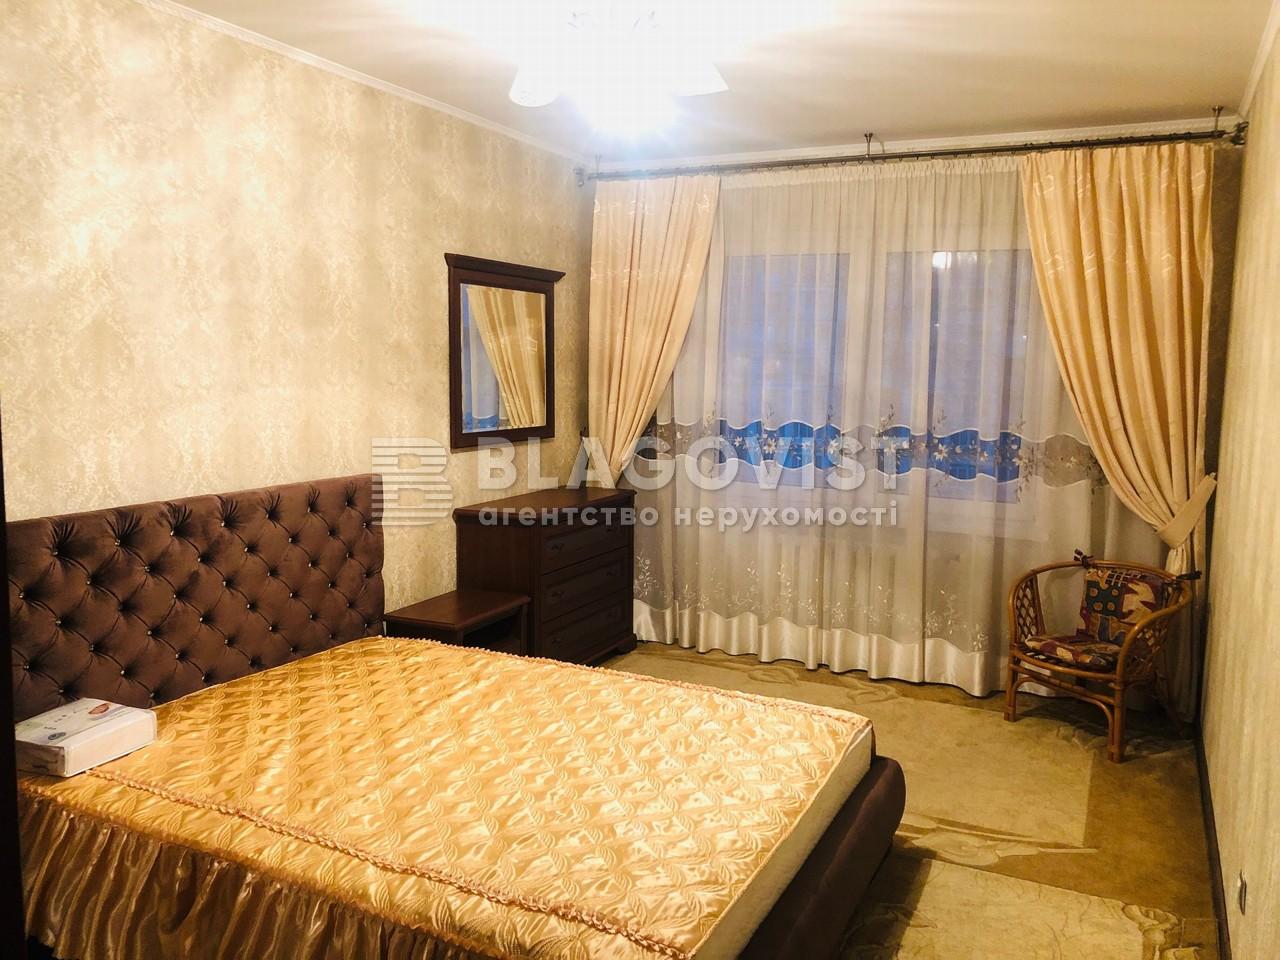 Квартира F-43945, Гонгадзе (Машиностроительная), 21а, Киев - Фото 9